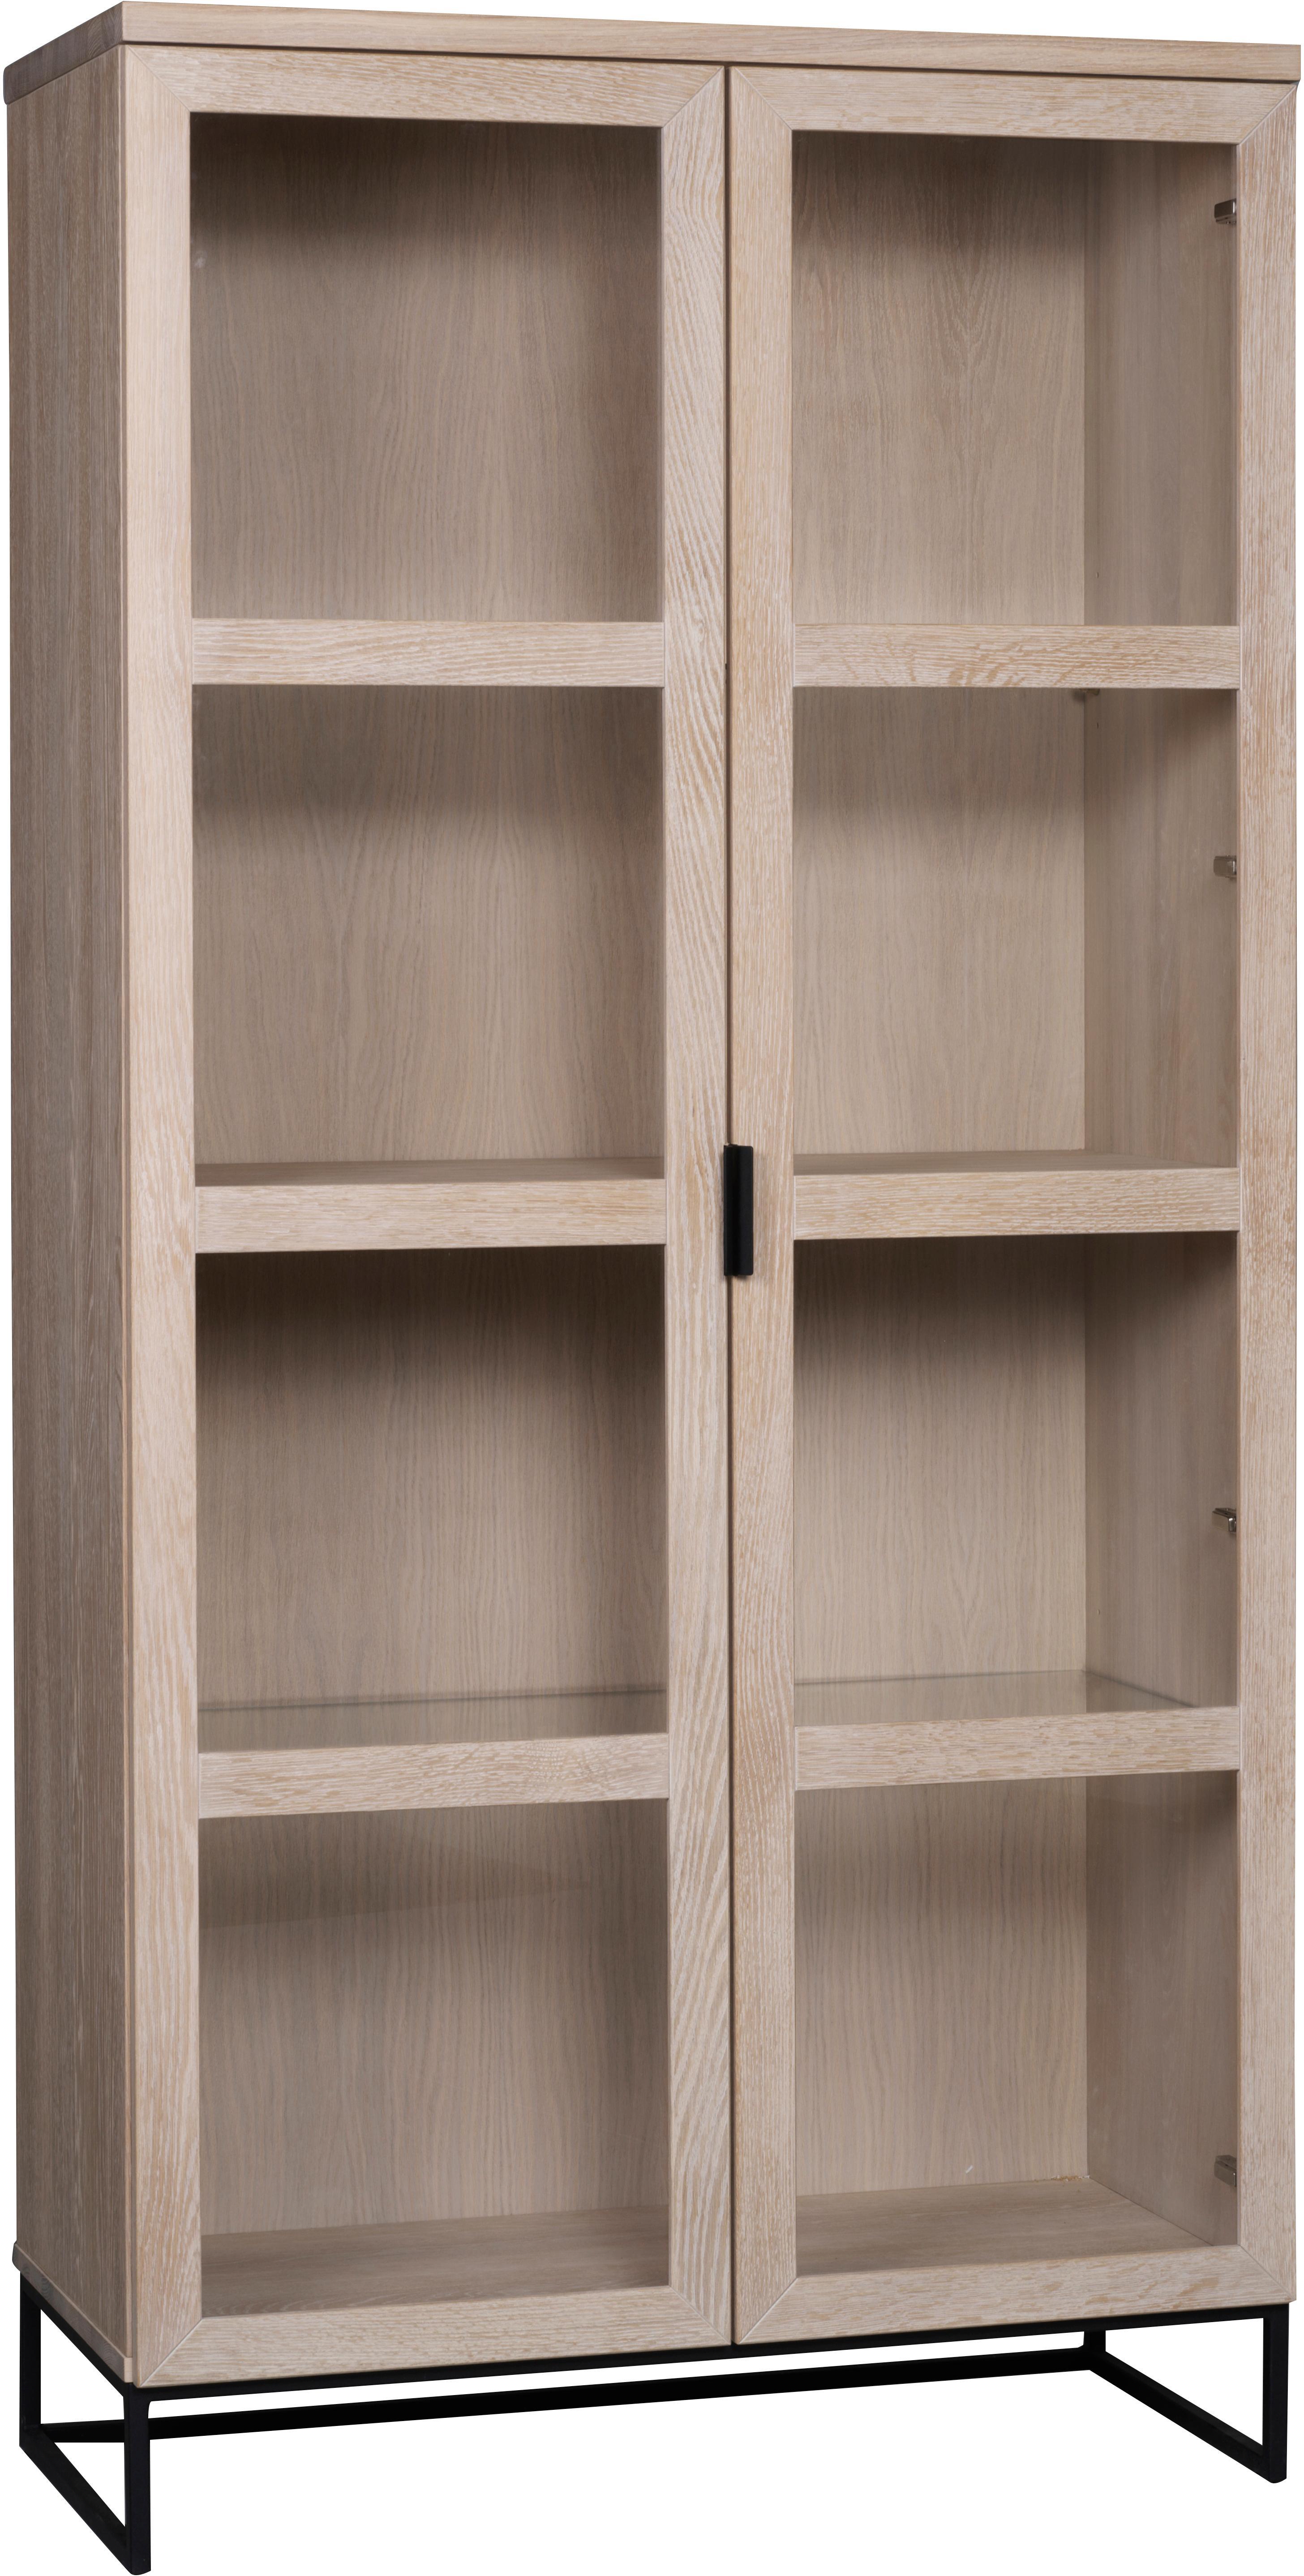 Vetrina alta in legno di quercia Everett, Struttura: metallo laccato, Legno di quercia bianco lavato, Larg. 95 x Alt. 195 cm